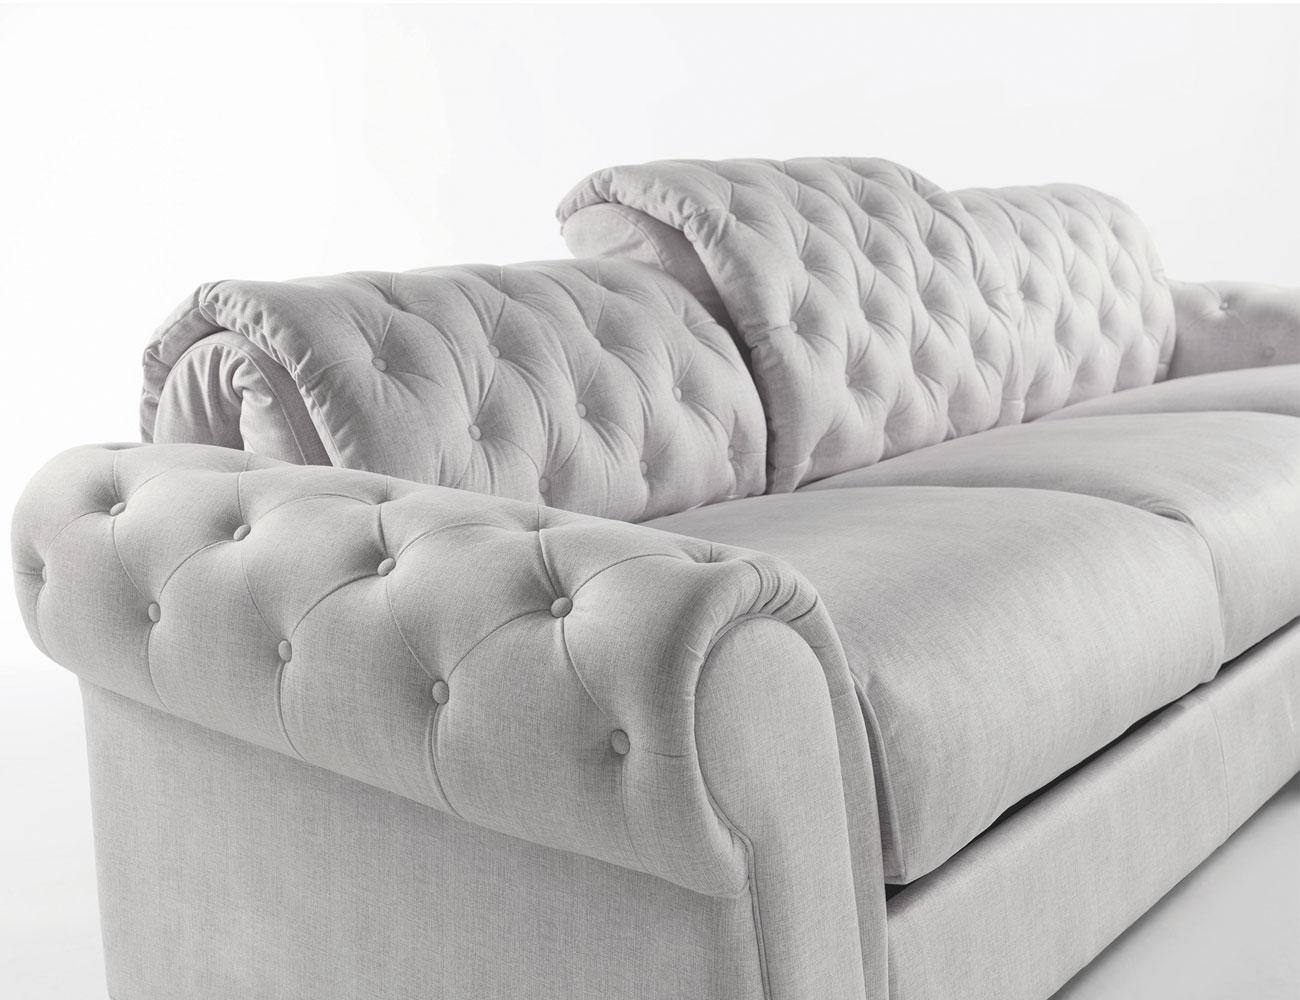 Sofa chaiselongue gran lujo decorativo capitone blanco tela 112